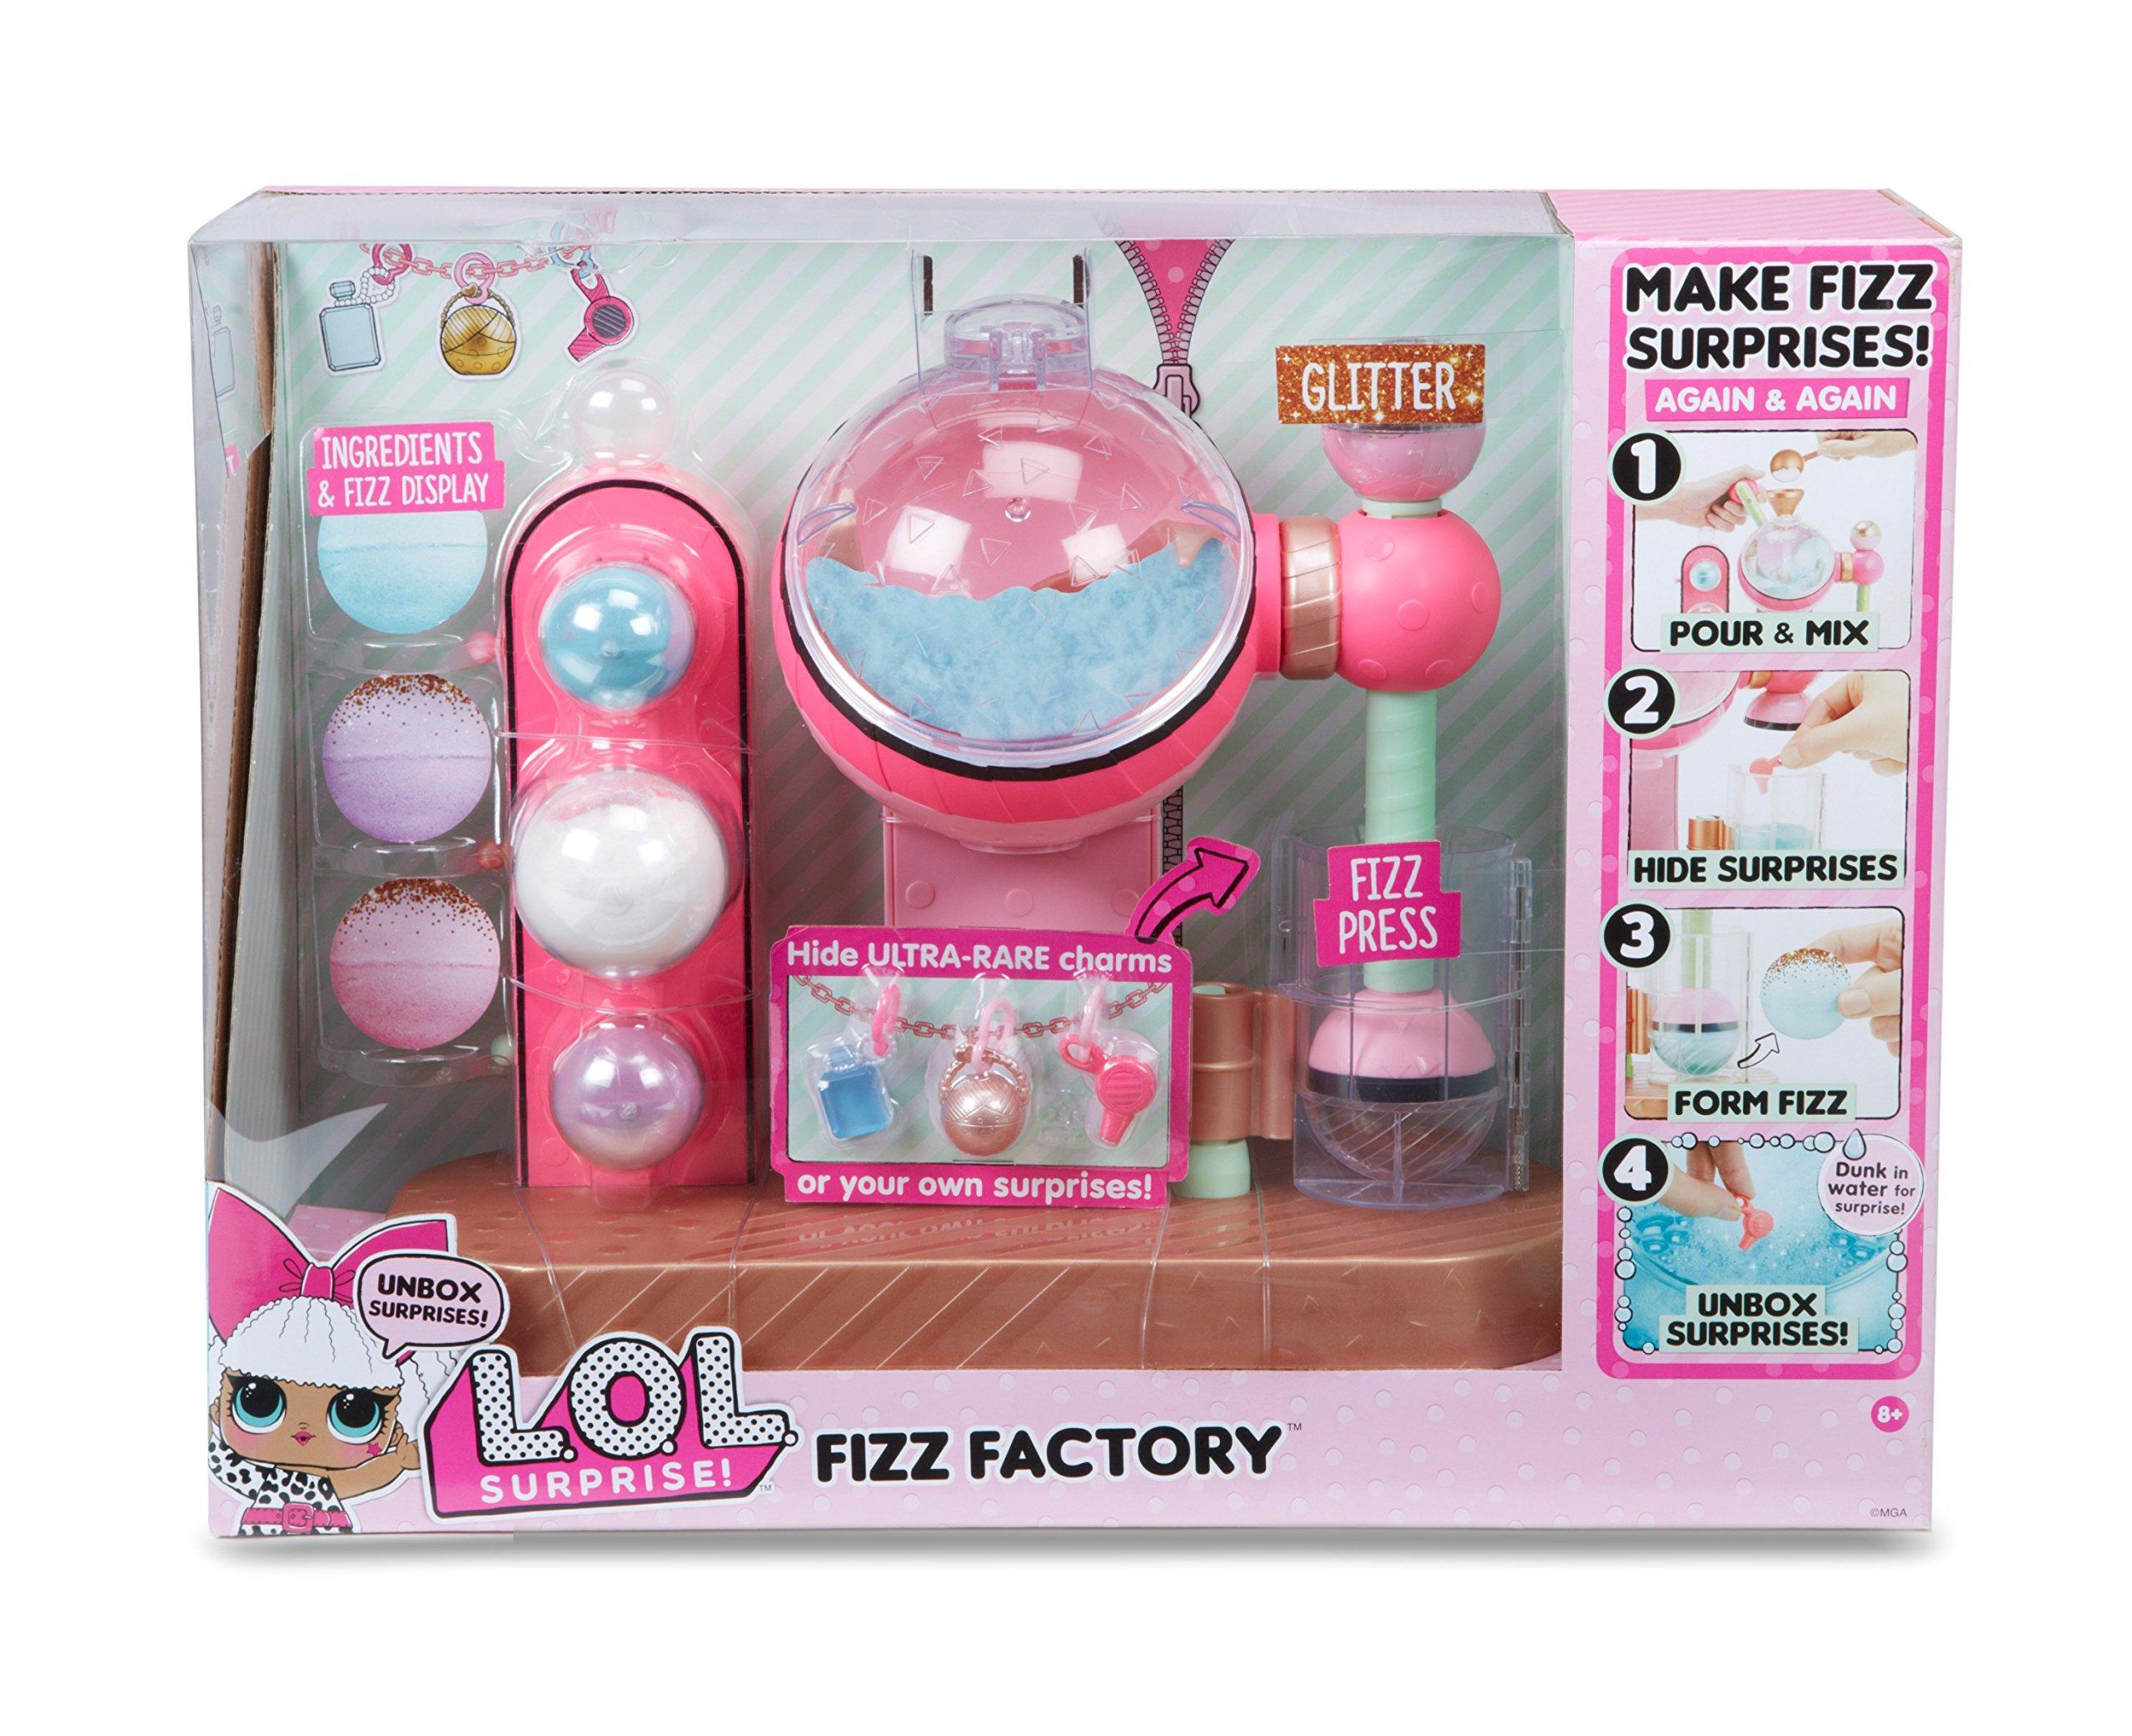 L.O.L. Surprise Fizz Factory FS <$35 or Free PU $29.88